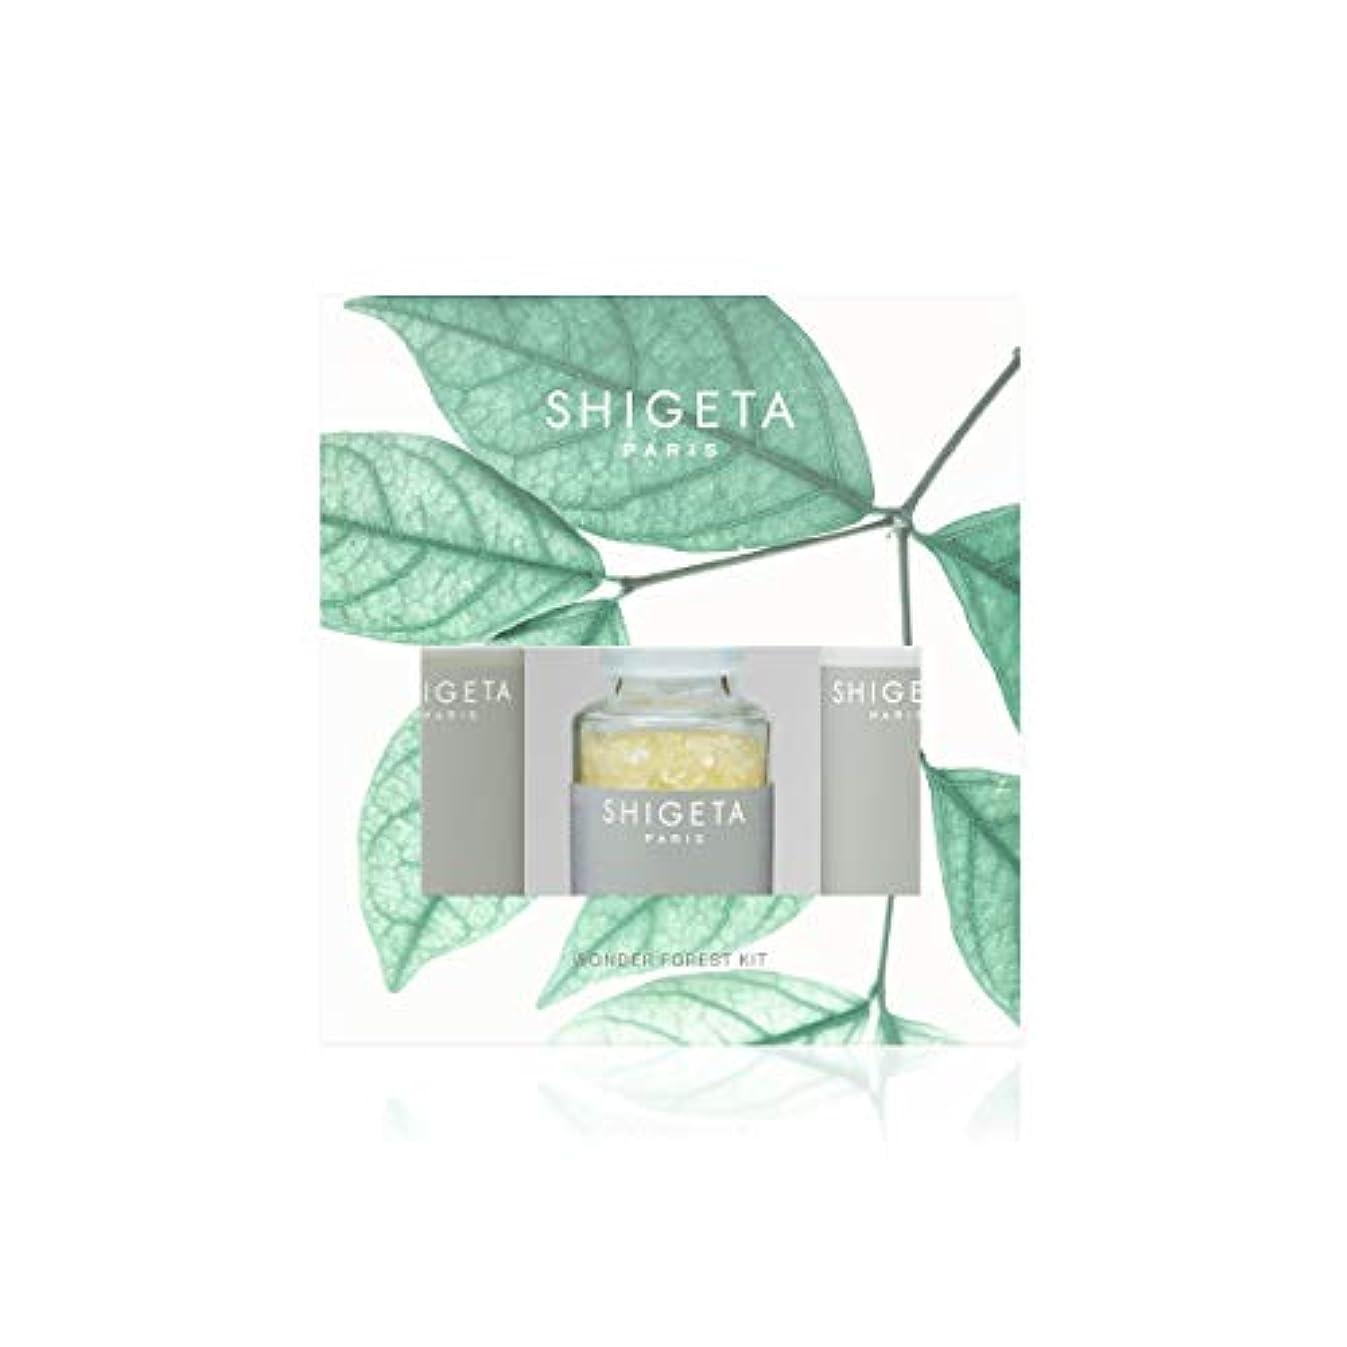 愛国的な違反する追記SHIGETA(シゲタ) Wonder Forest Kit